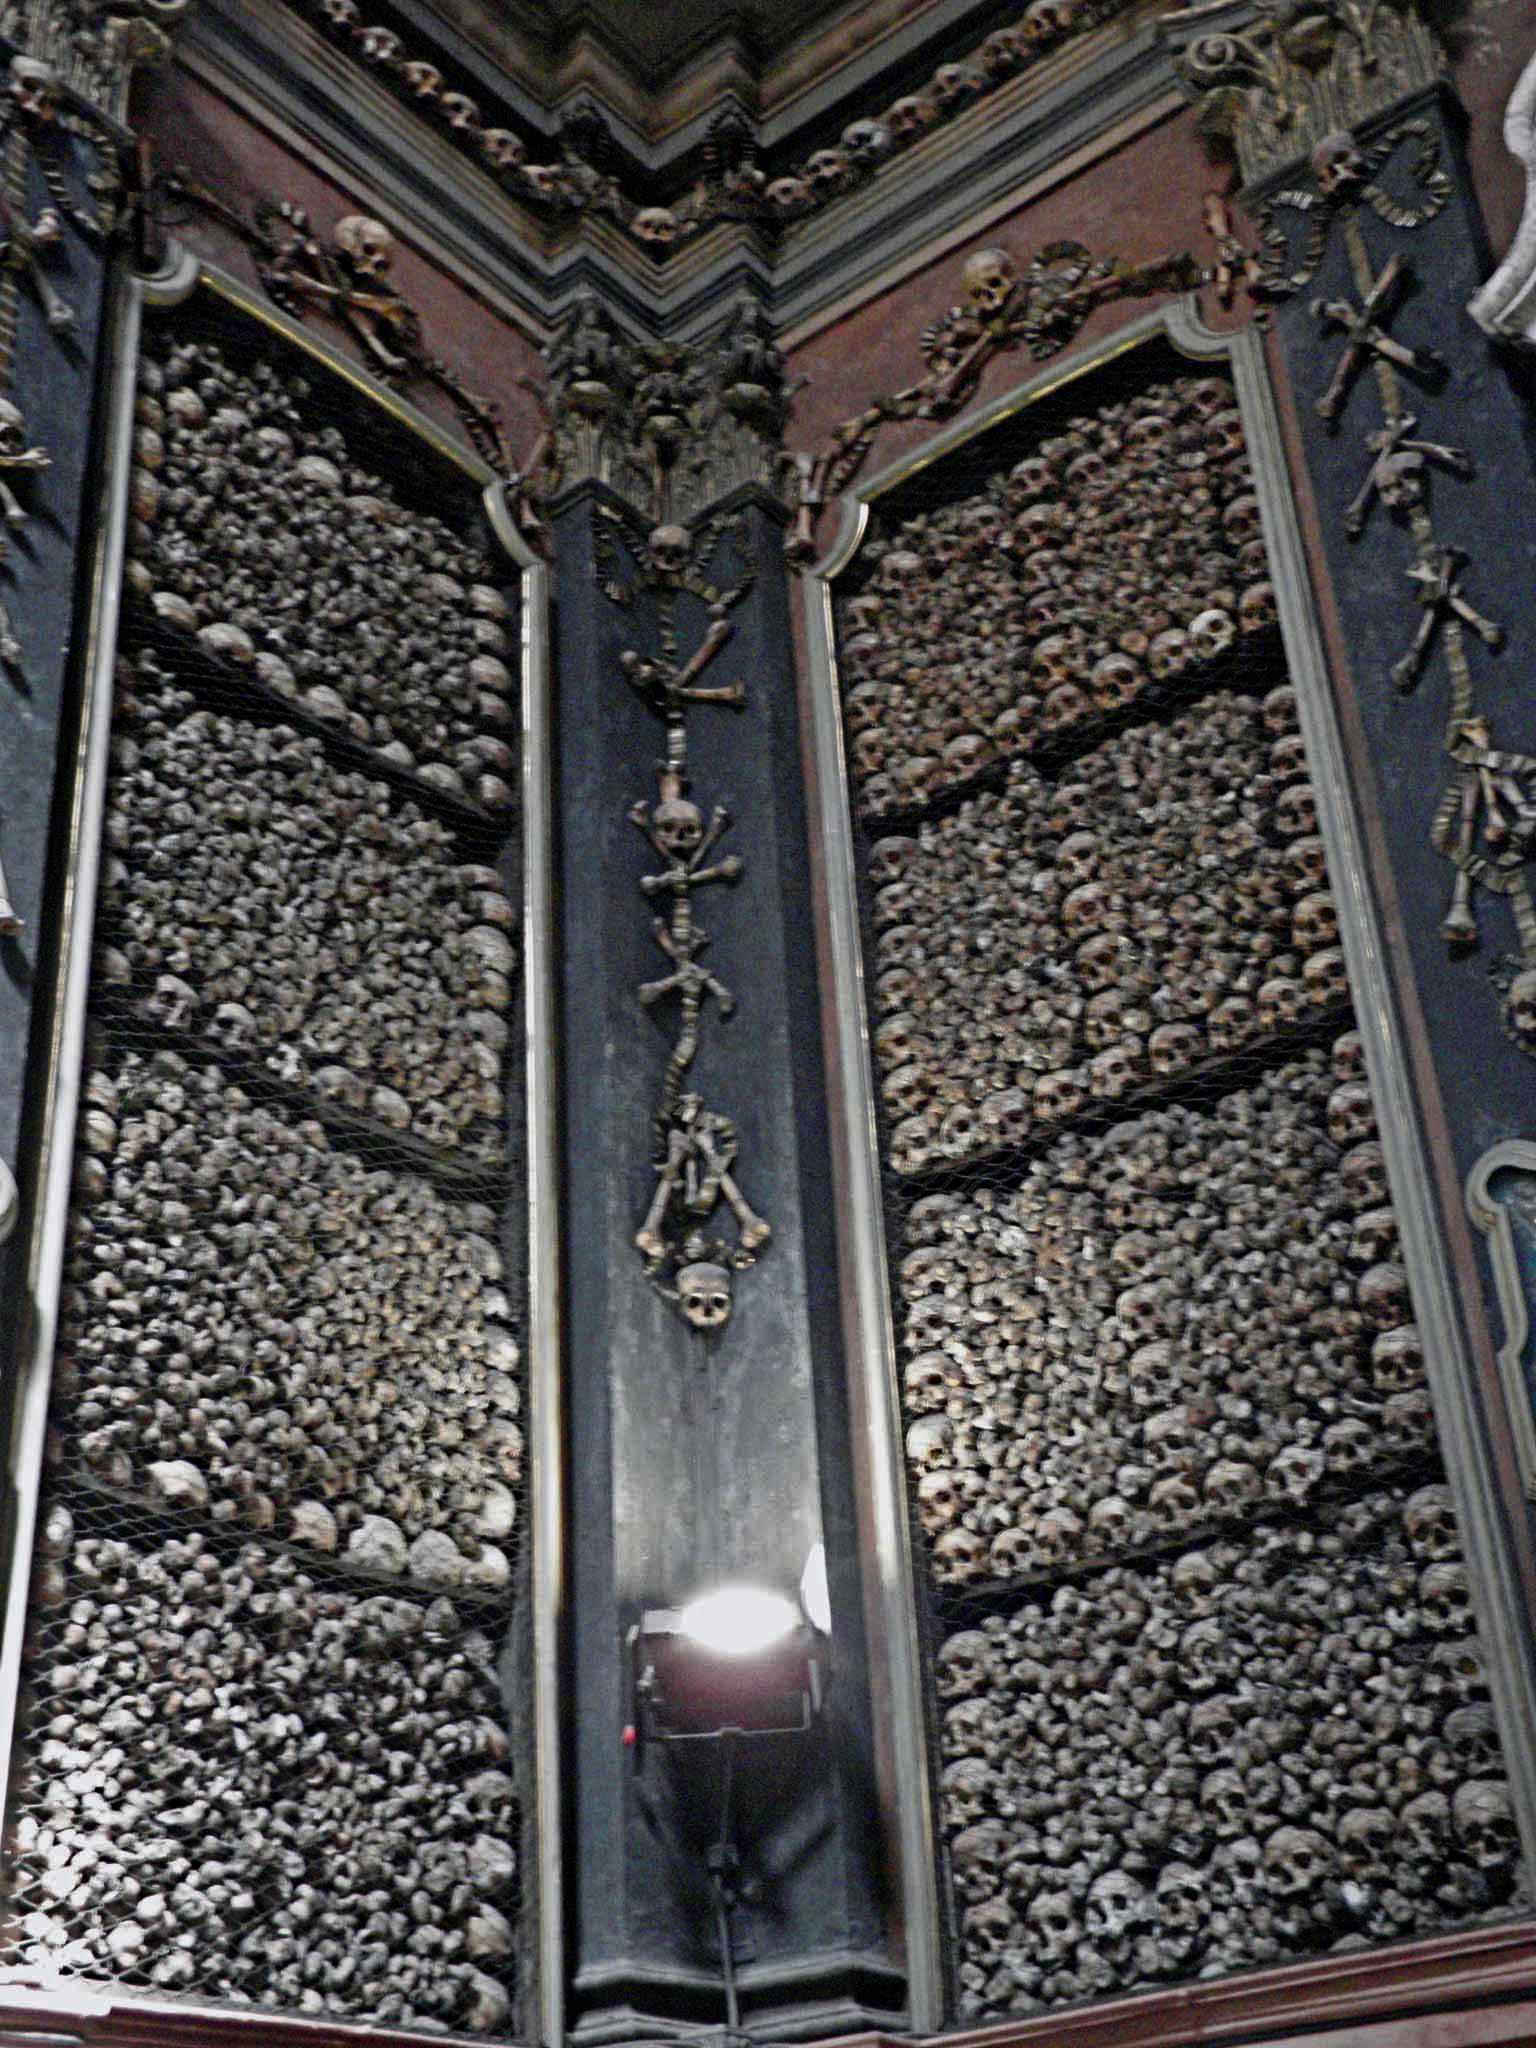 walls of bones